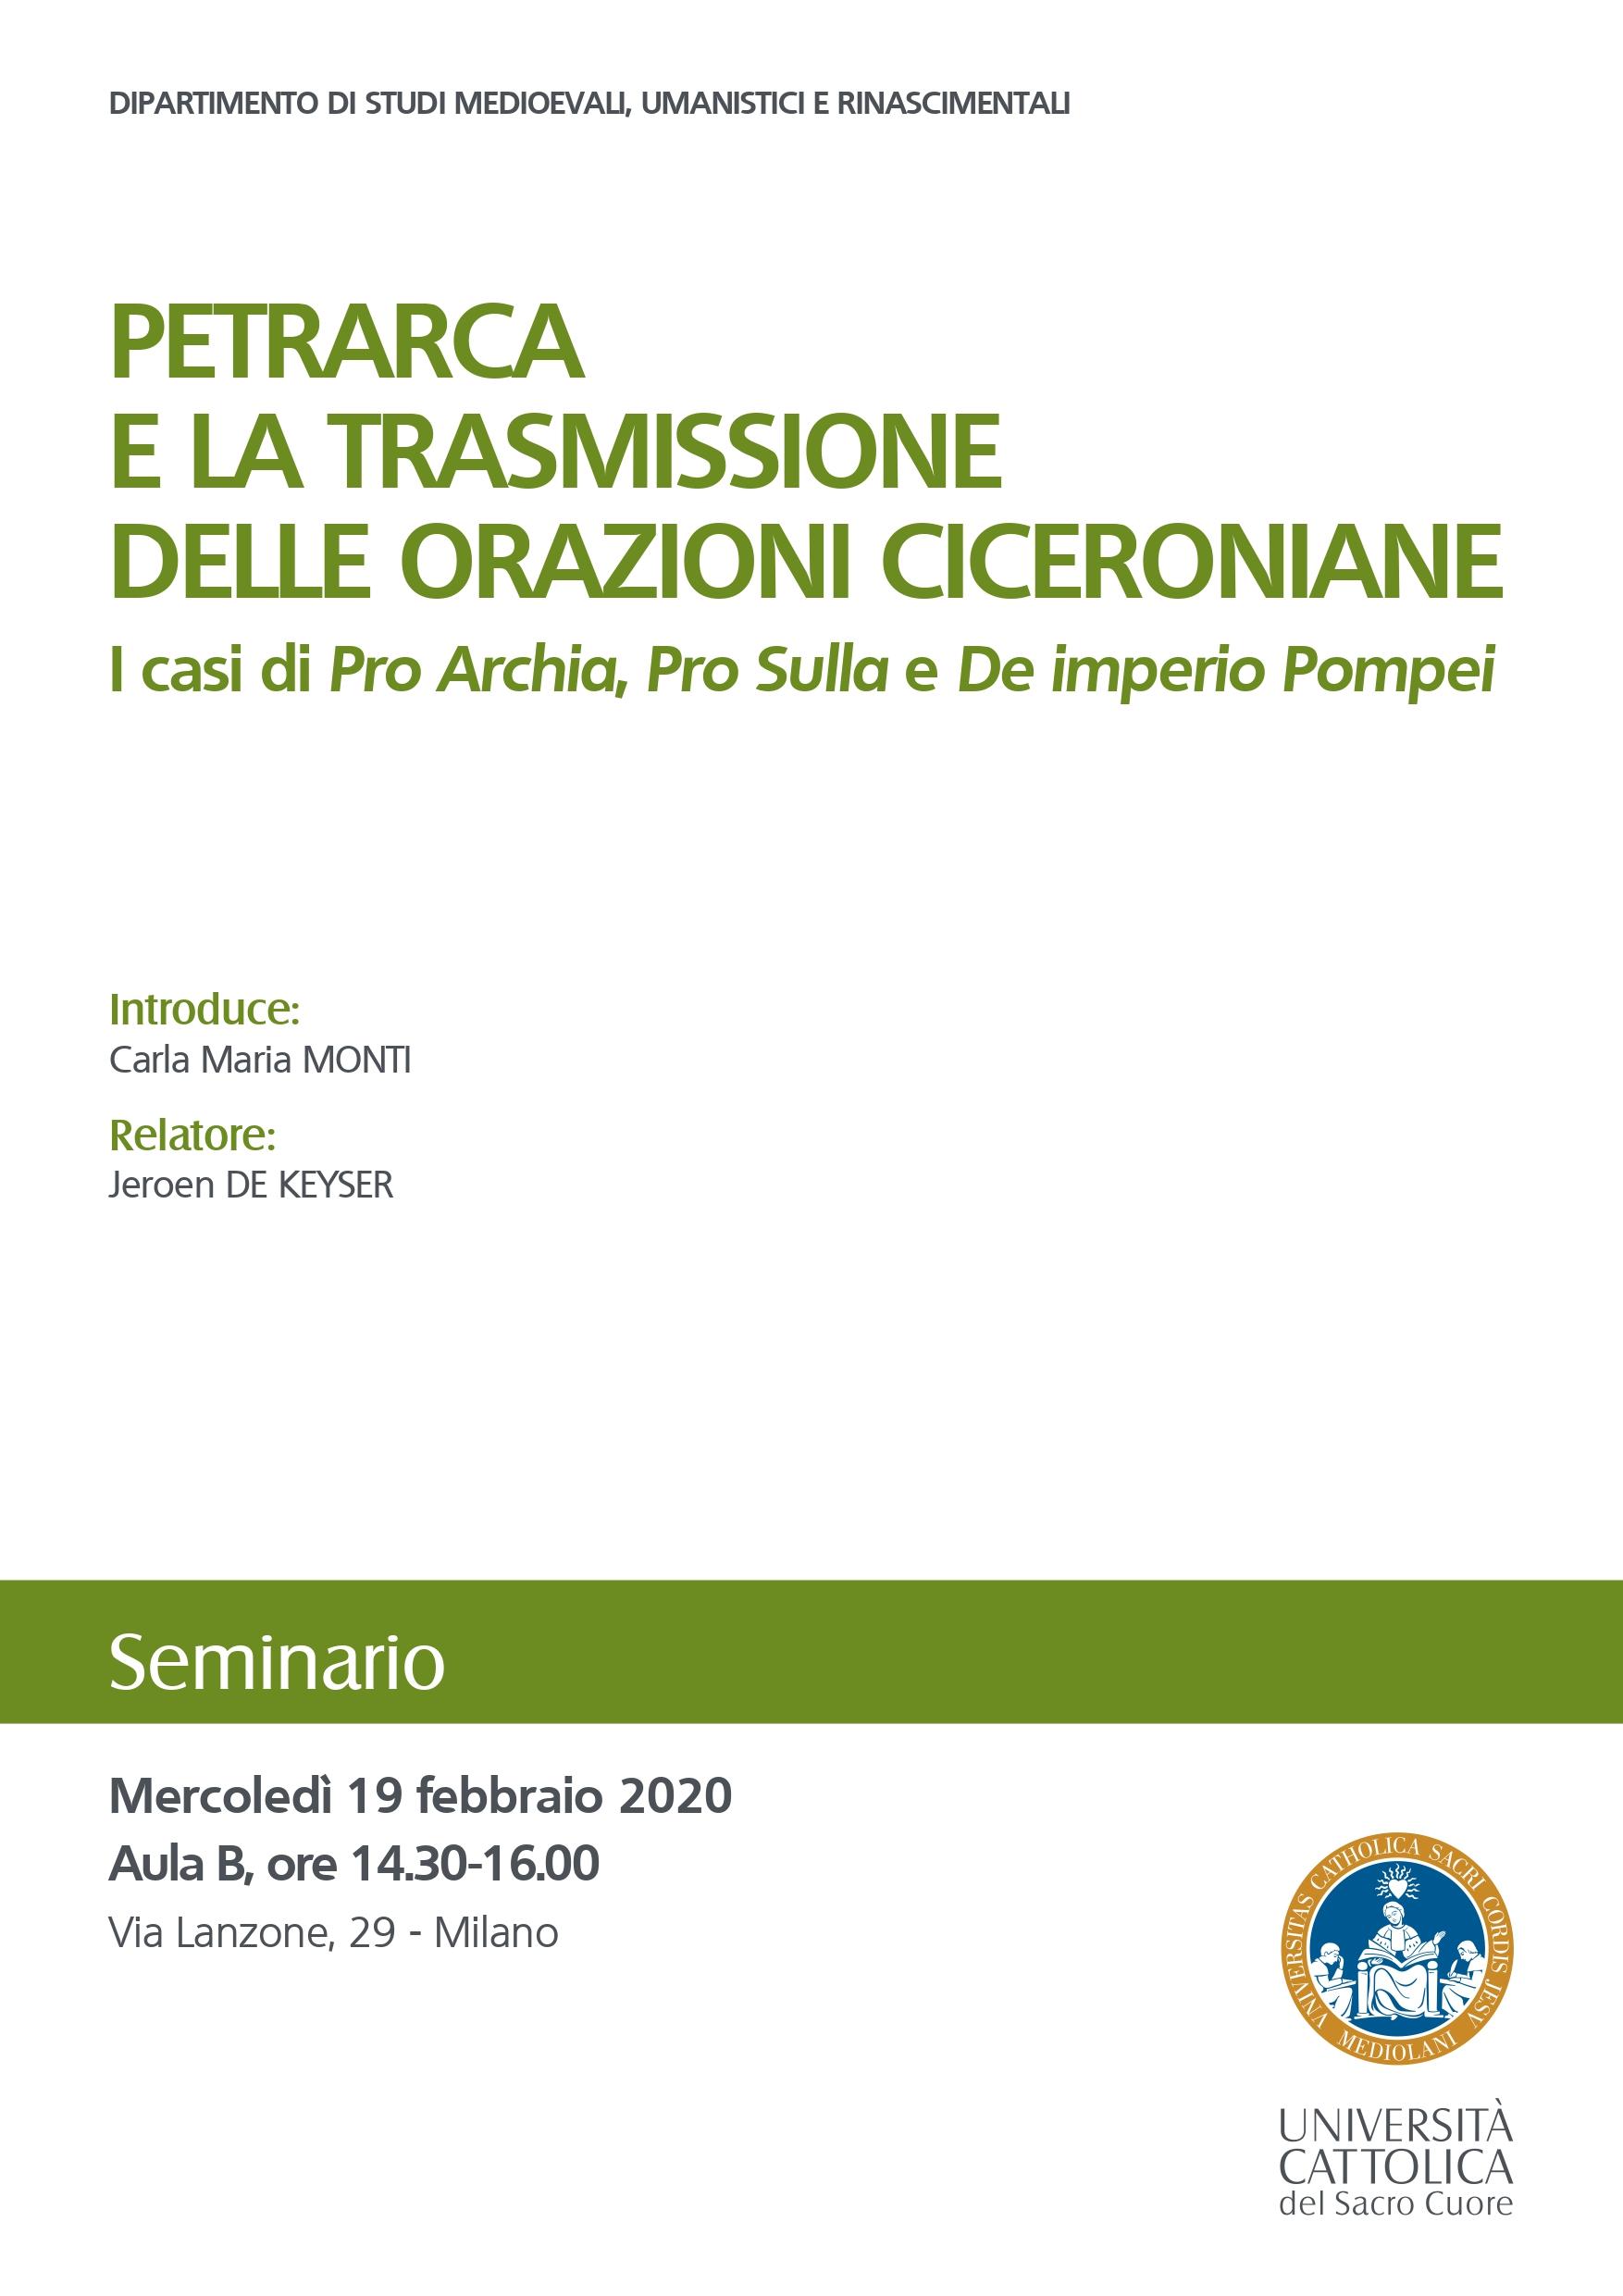 Locandina Petrarca e la trasmissione delle orazioni ciceroniane_page-0001